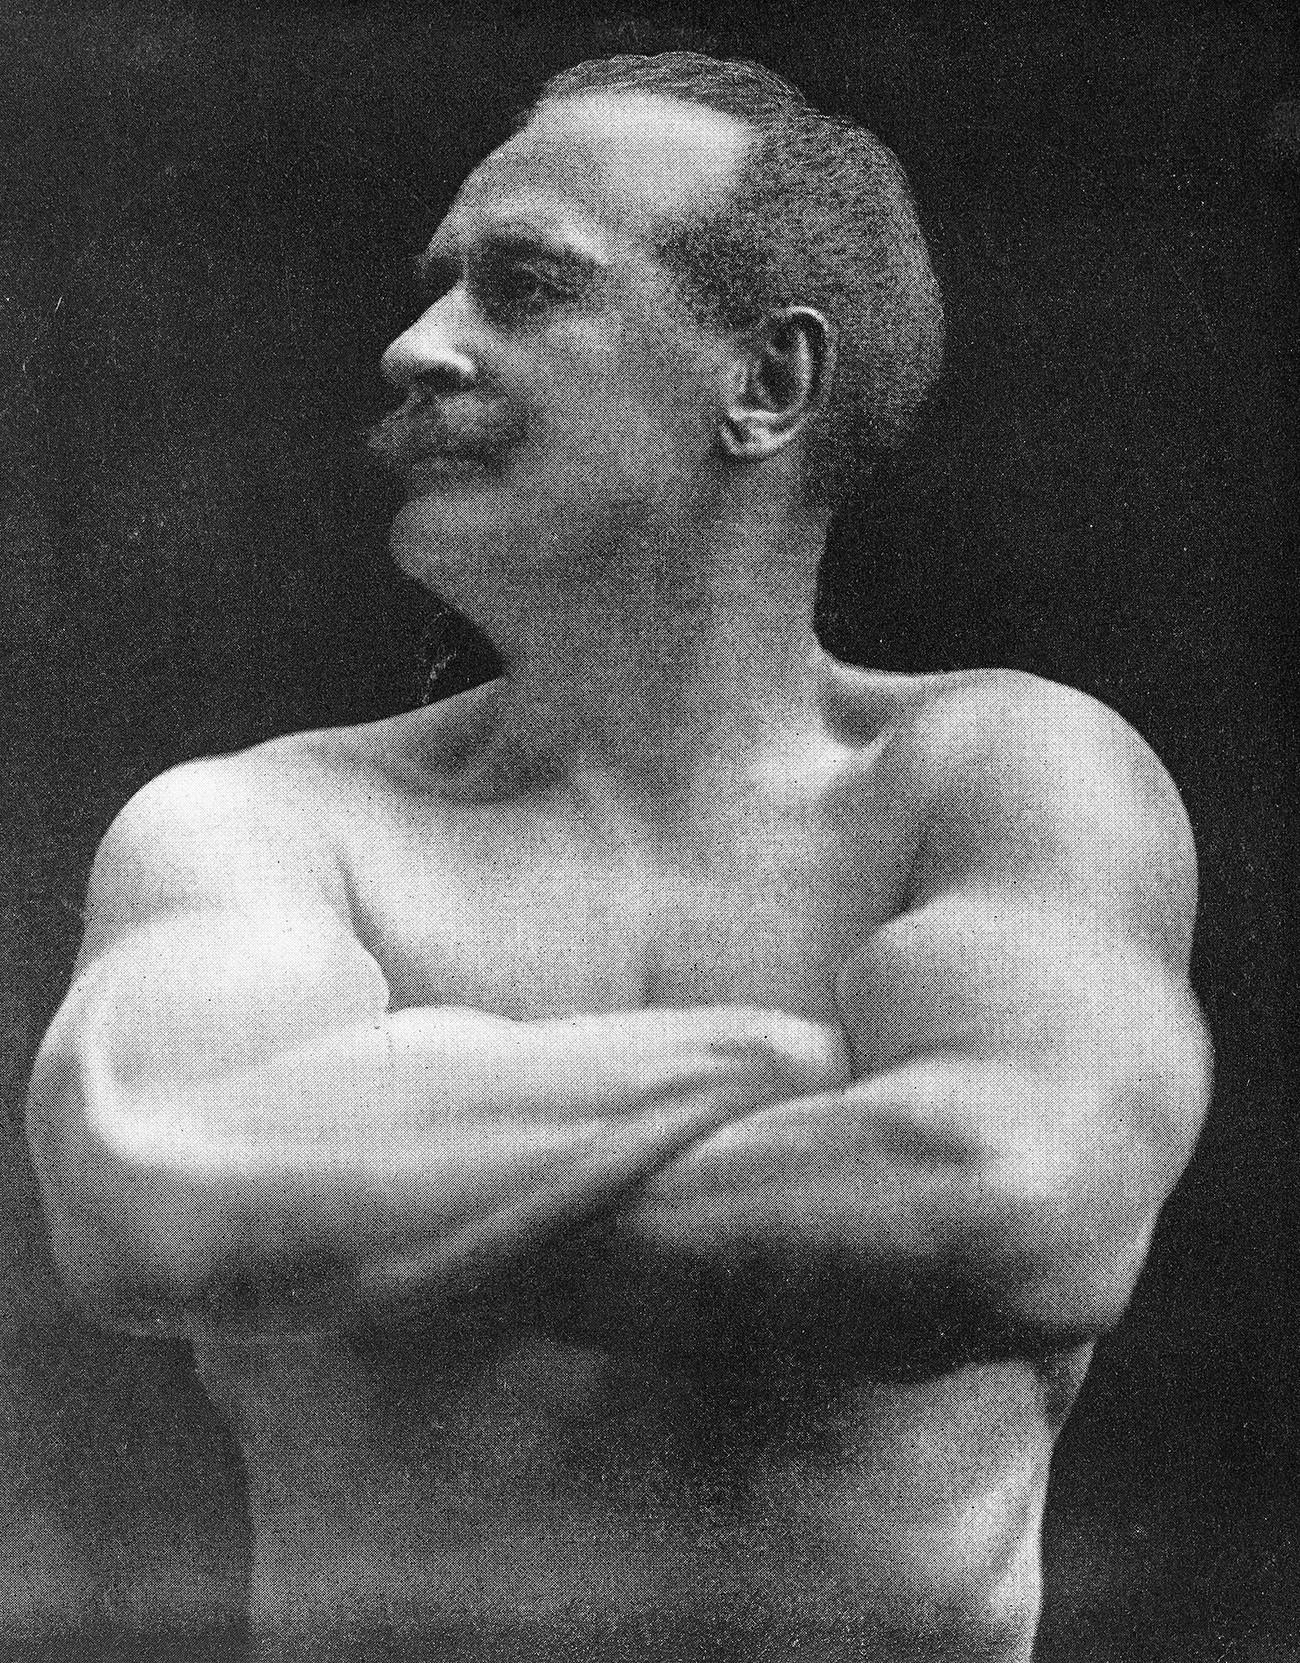 Јевгениј Сандов у 52. години живота